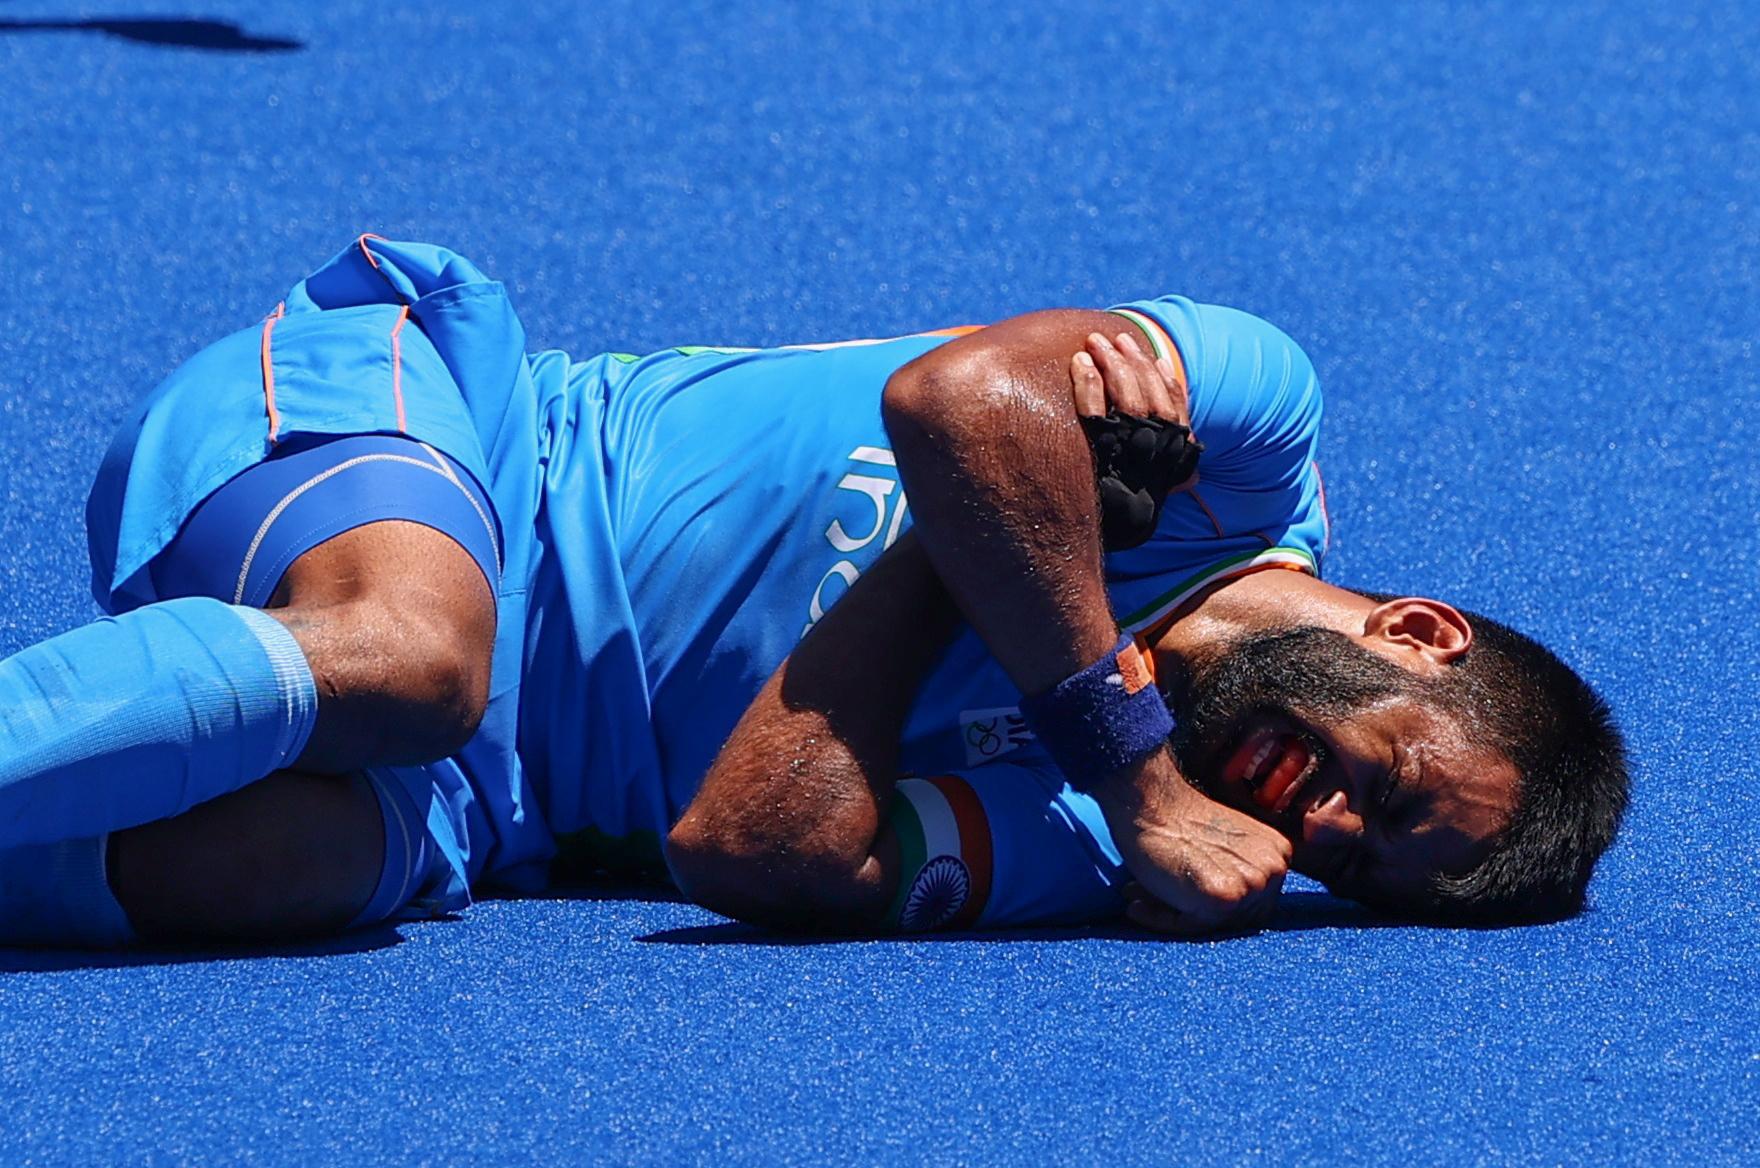 जर्मनी के खिलाफ मैच के दौरान मनप्रीत चोटिल हो गए थे।